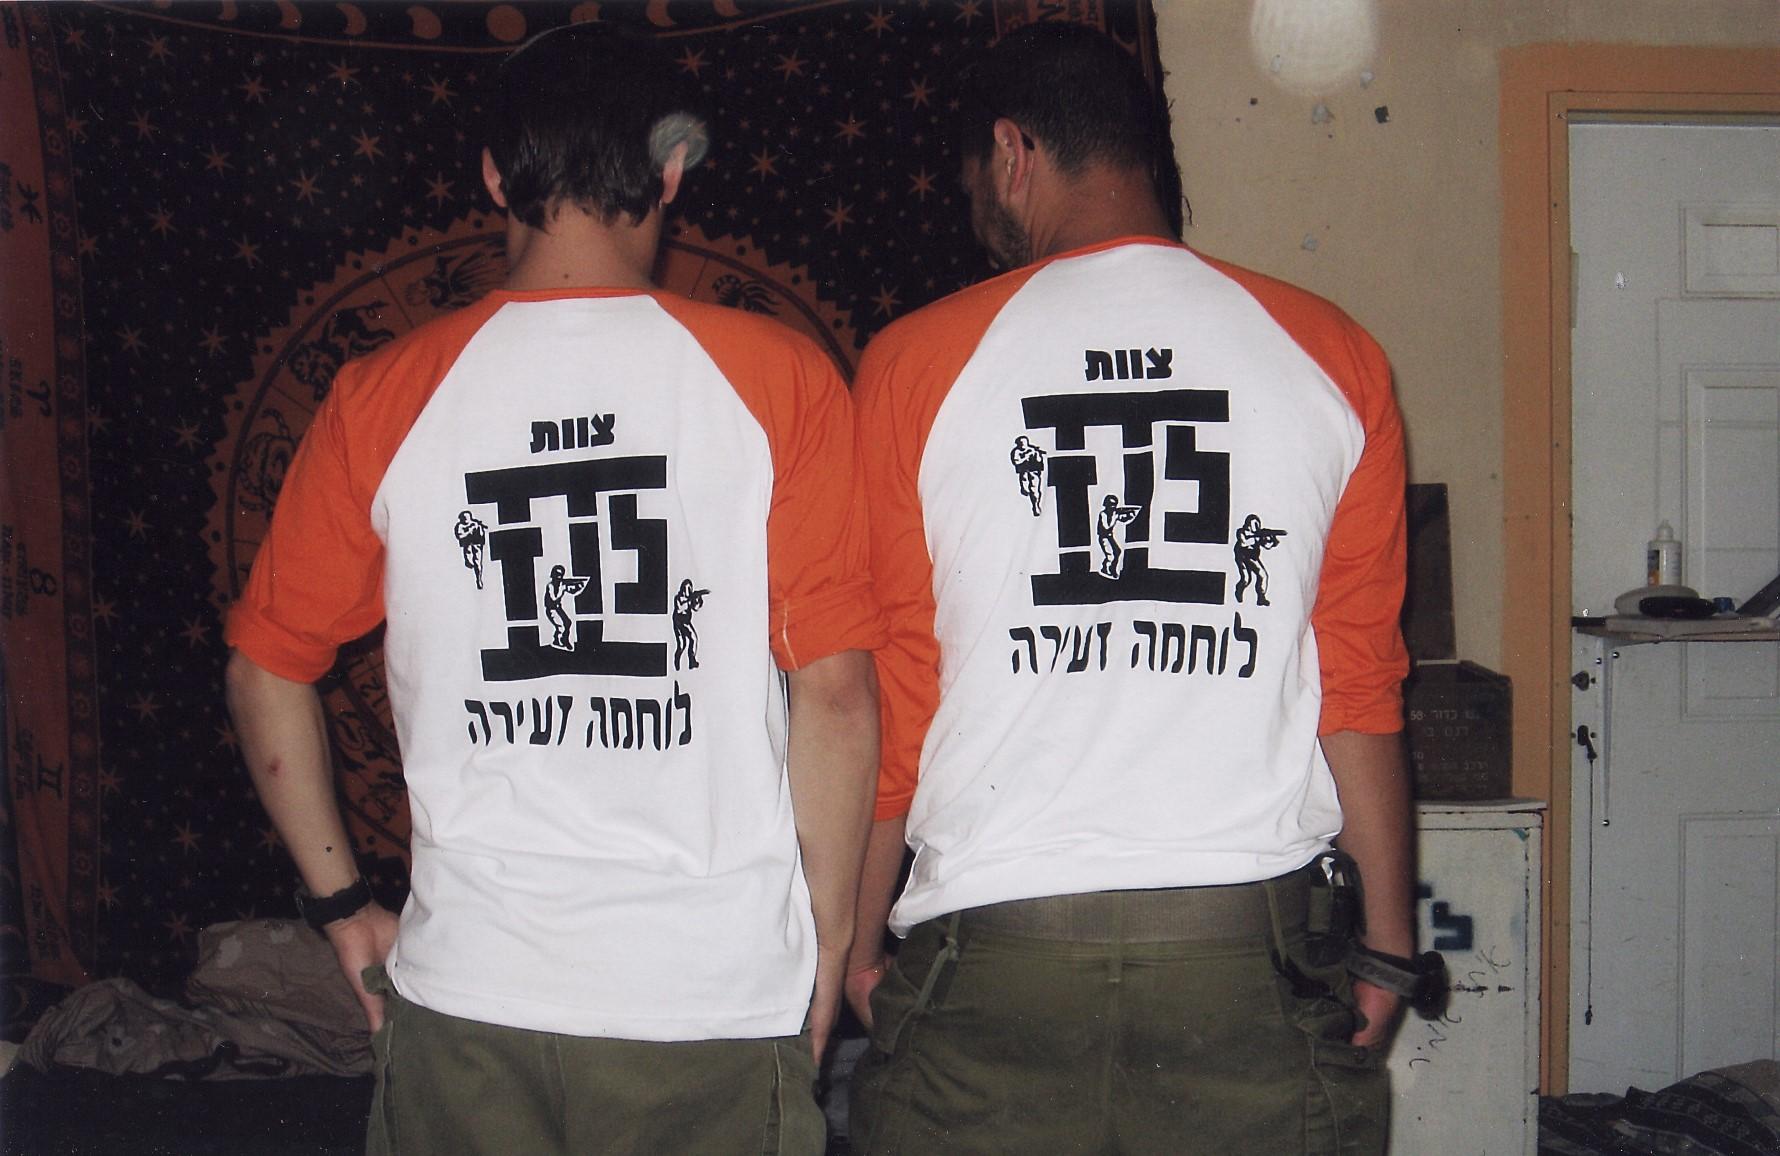 חולצות ששלמה עיצב למחלקה שלו בנצח יהודה